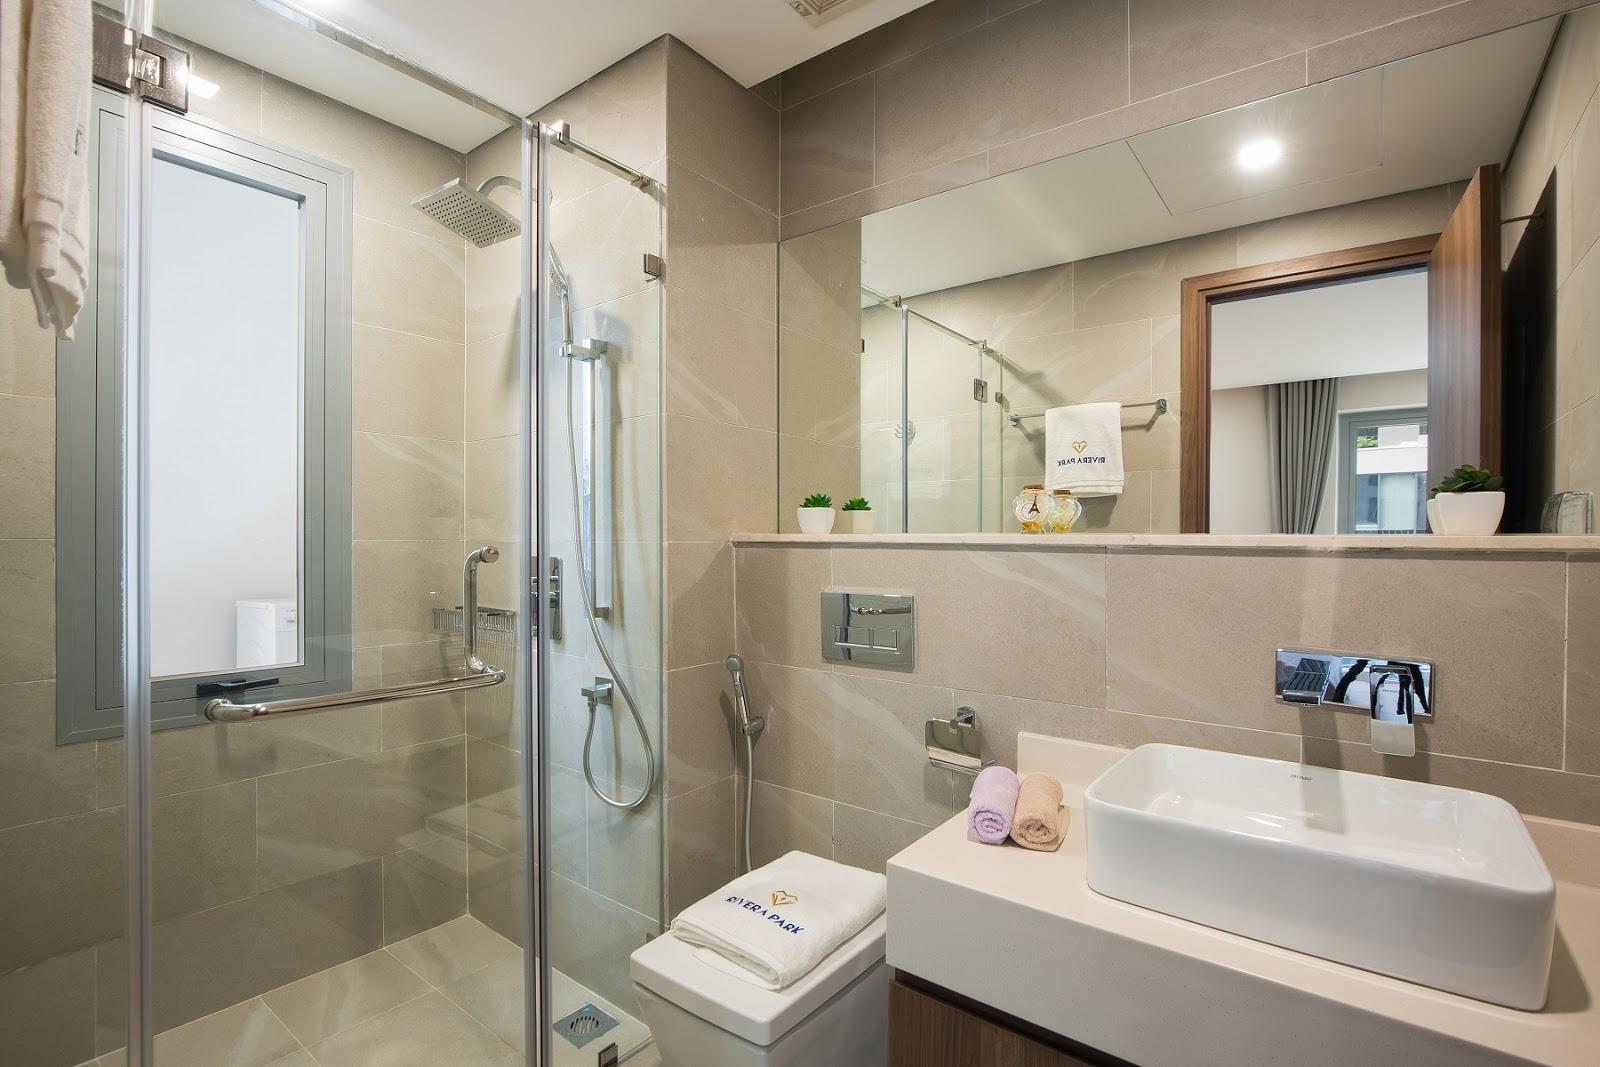 Phòng tắm bàn giao với trang thiết bị hiện đại